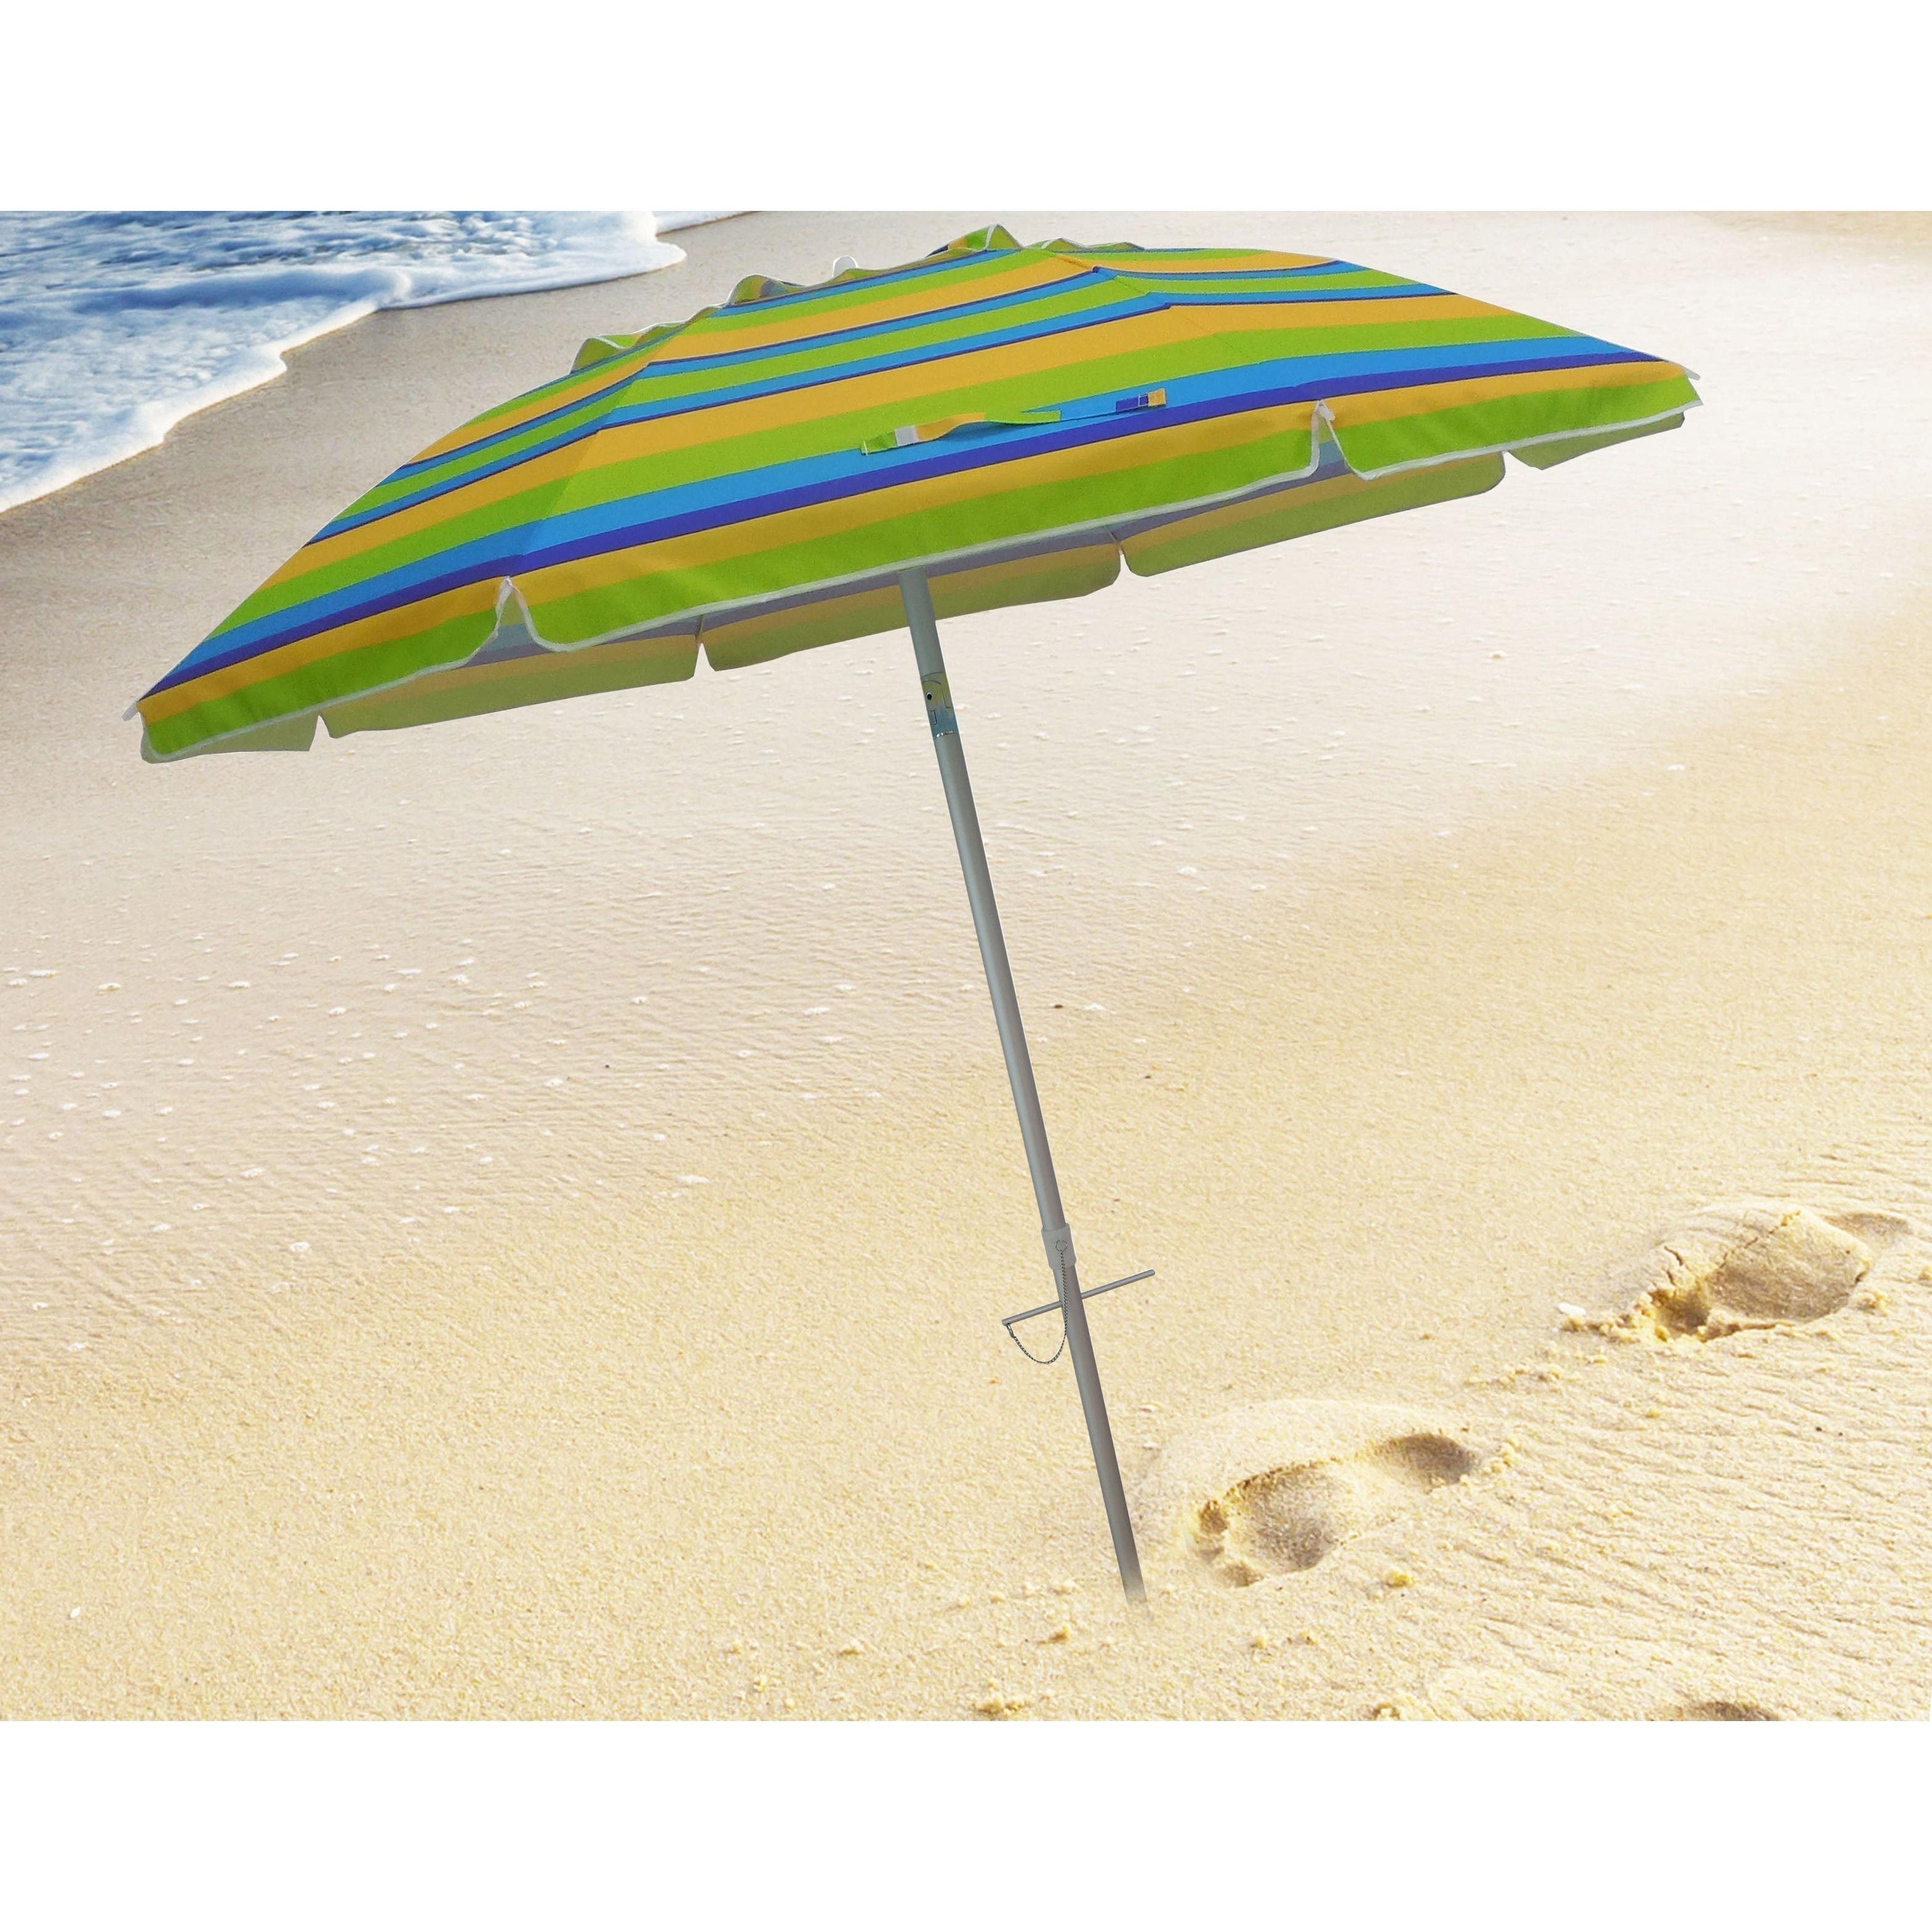 Well Known Tilt Beach Umbrellas Regarding 7 Foot Stripe Beach Umbrellas With Tilt And Travel Bag (View 5 of 20)